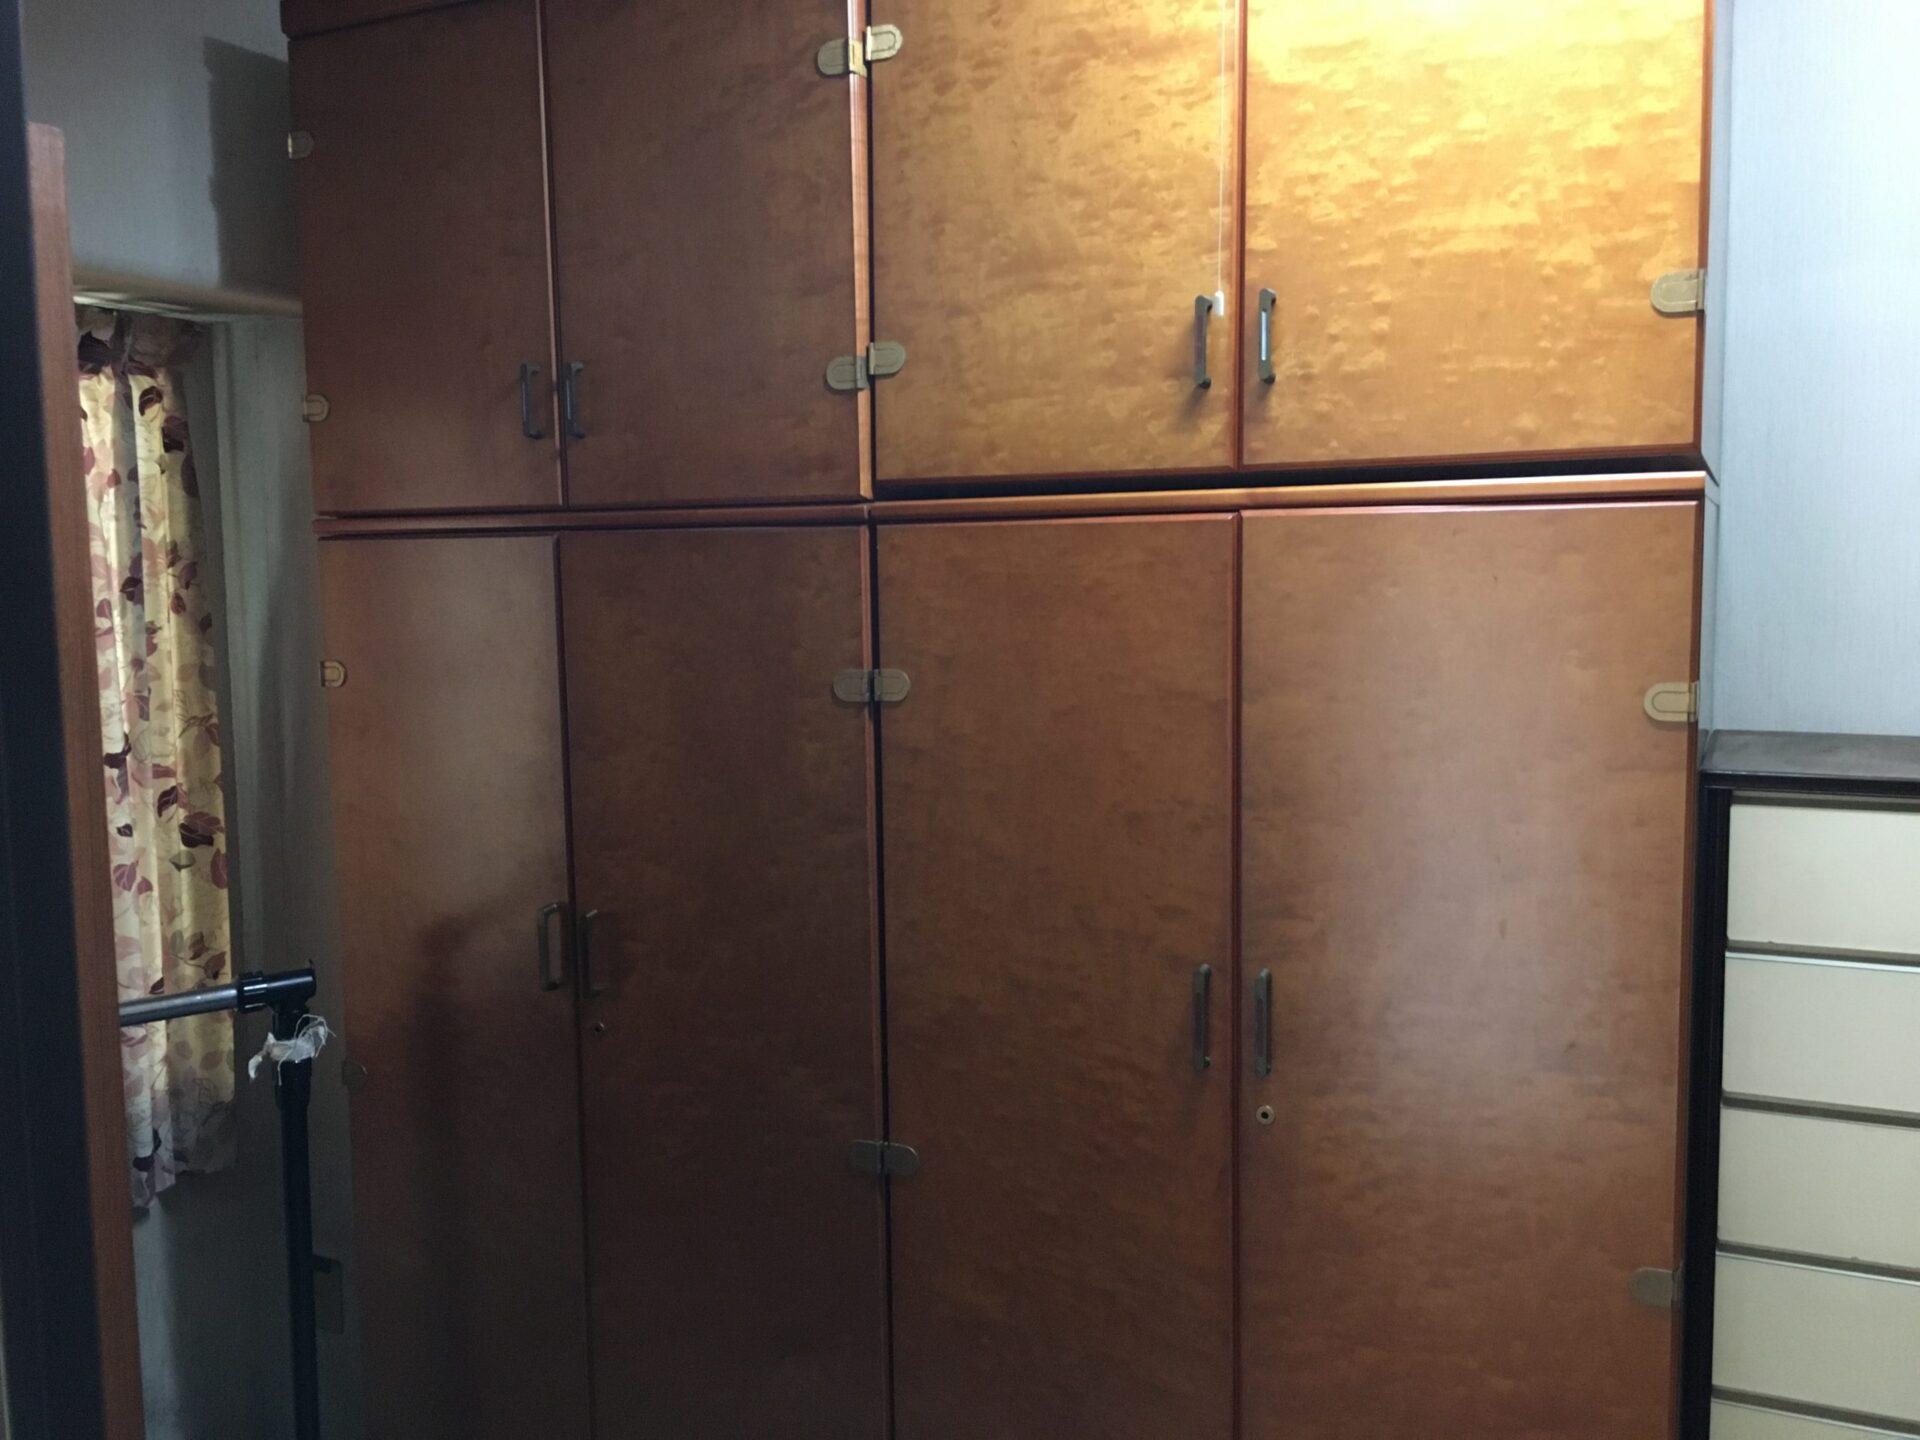 【愛知県名古屋市瑞穂区】タンス2本の出張回収